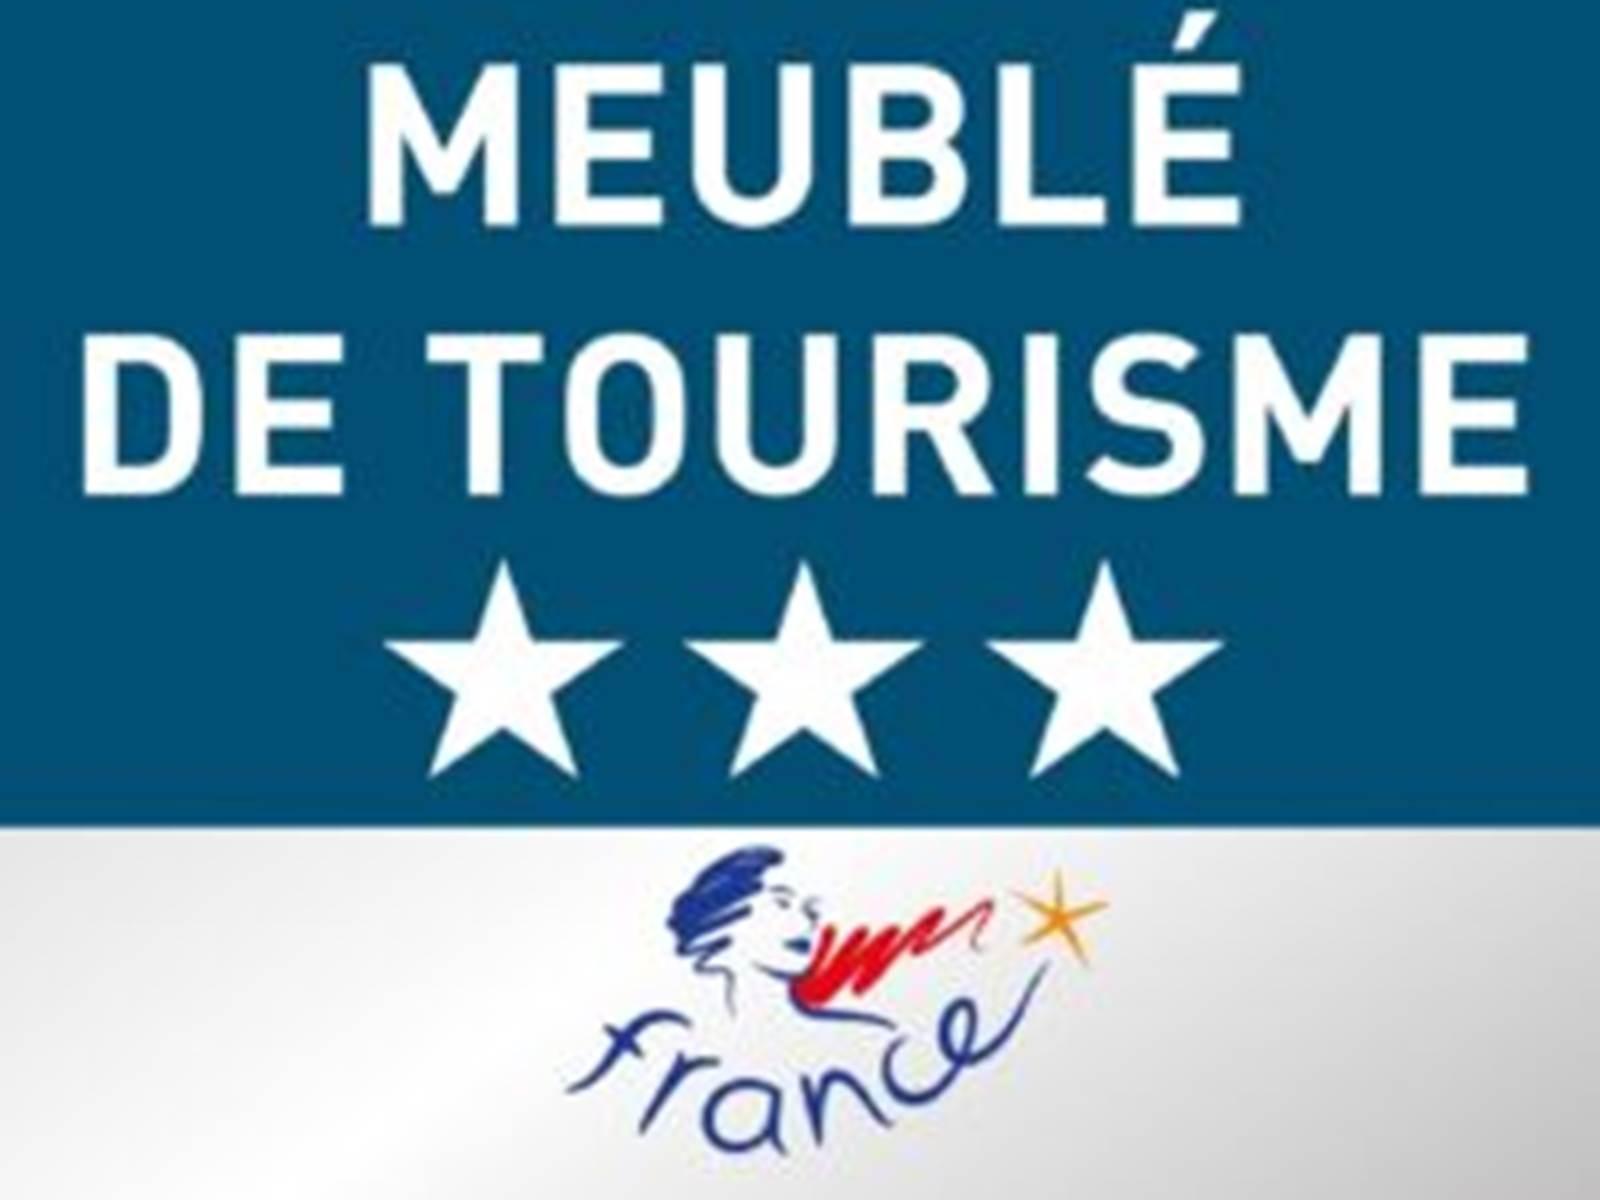 meubl-de-tourisme-300x230